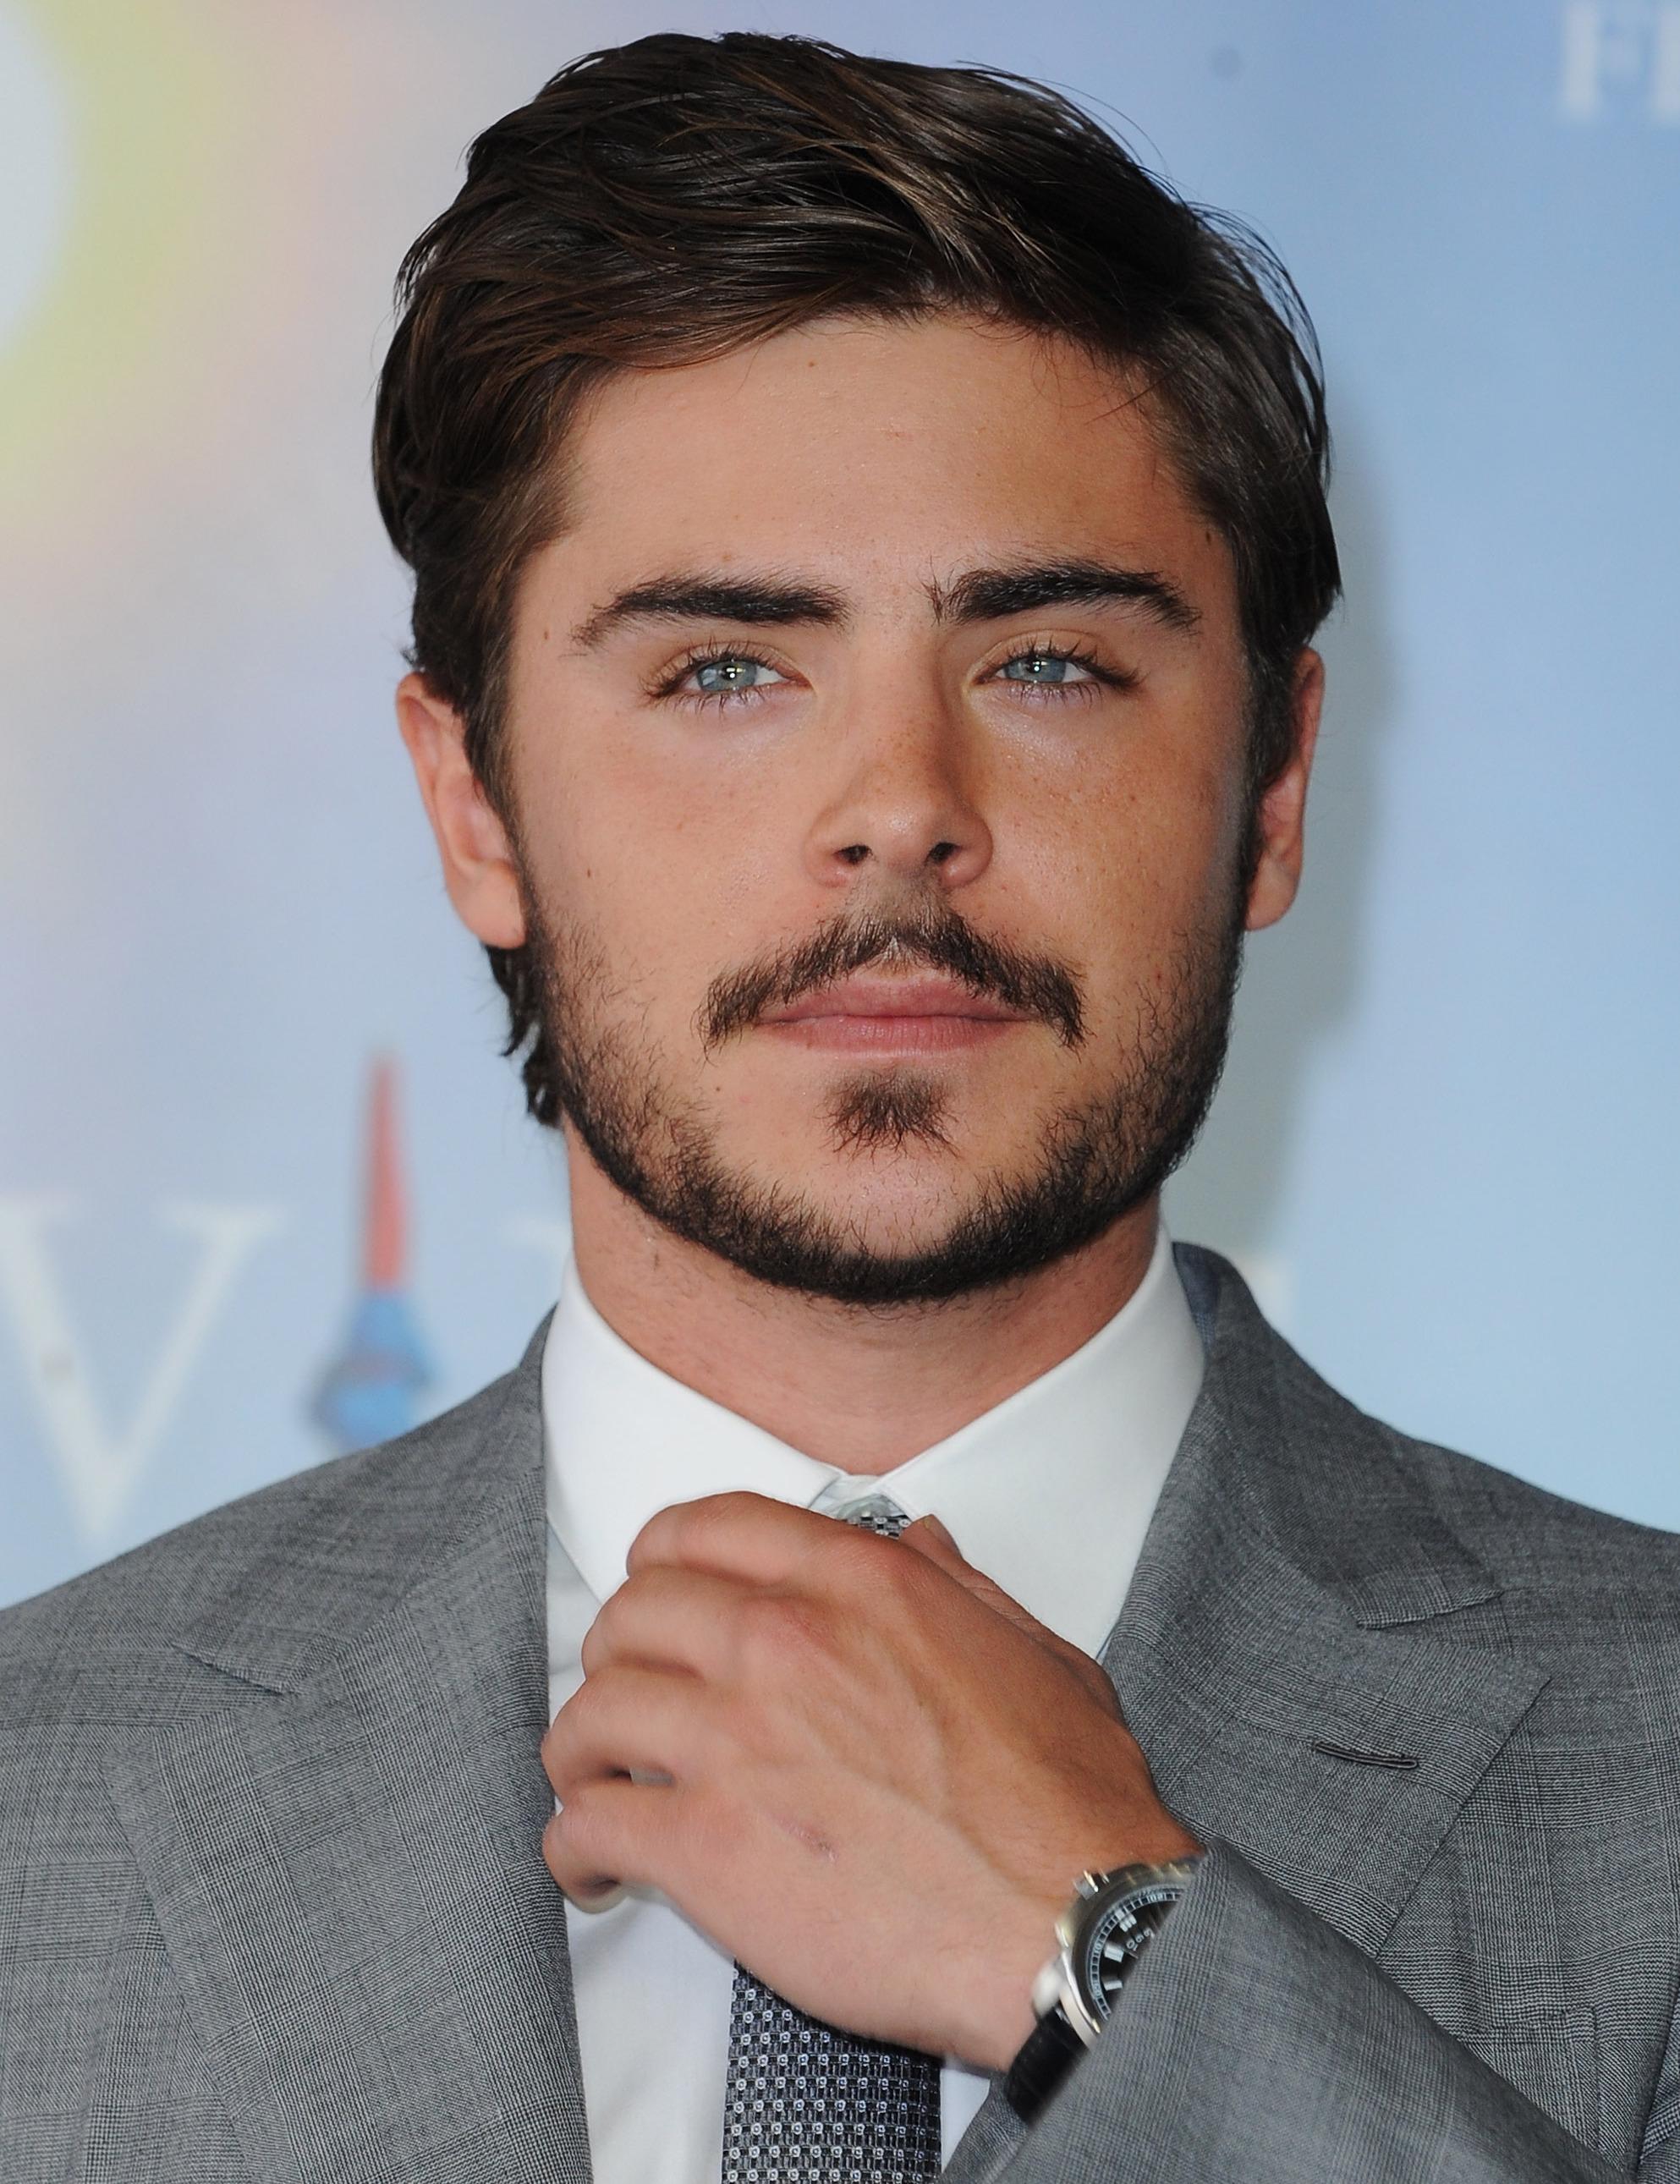 La barbe et le style - Comment coucher avec un homme pour la premiere fois ...